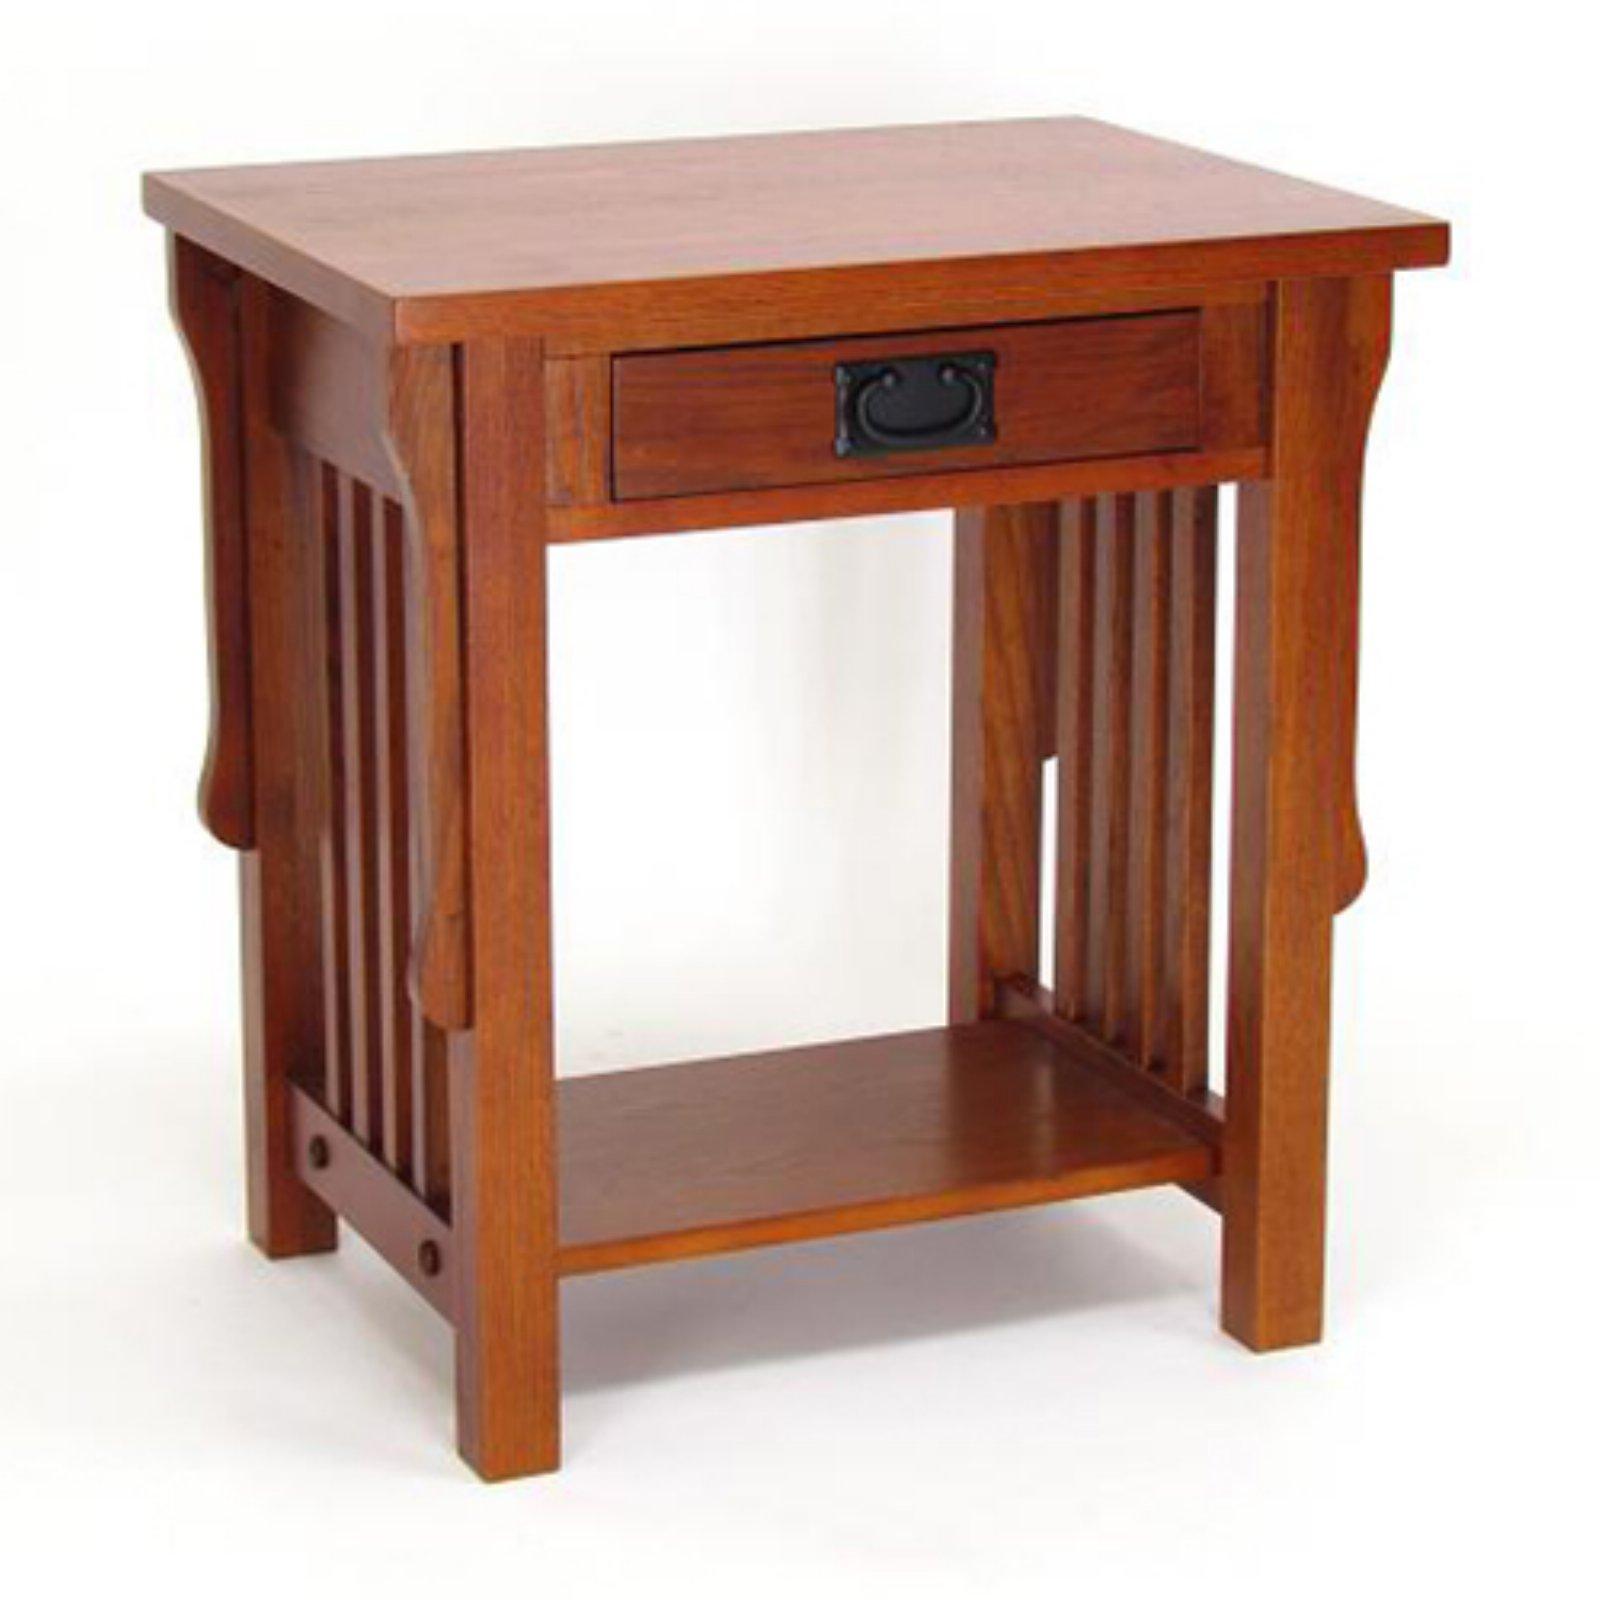 Brookings 1 Drawer Nightstand - Oak